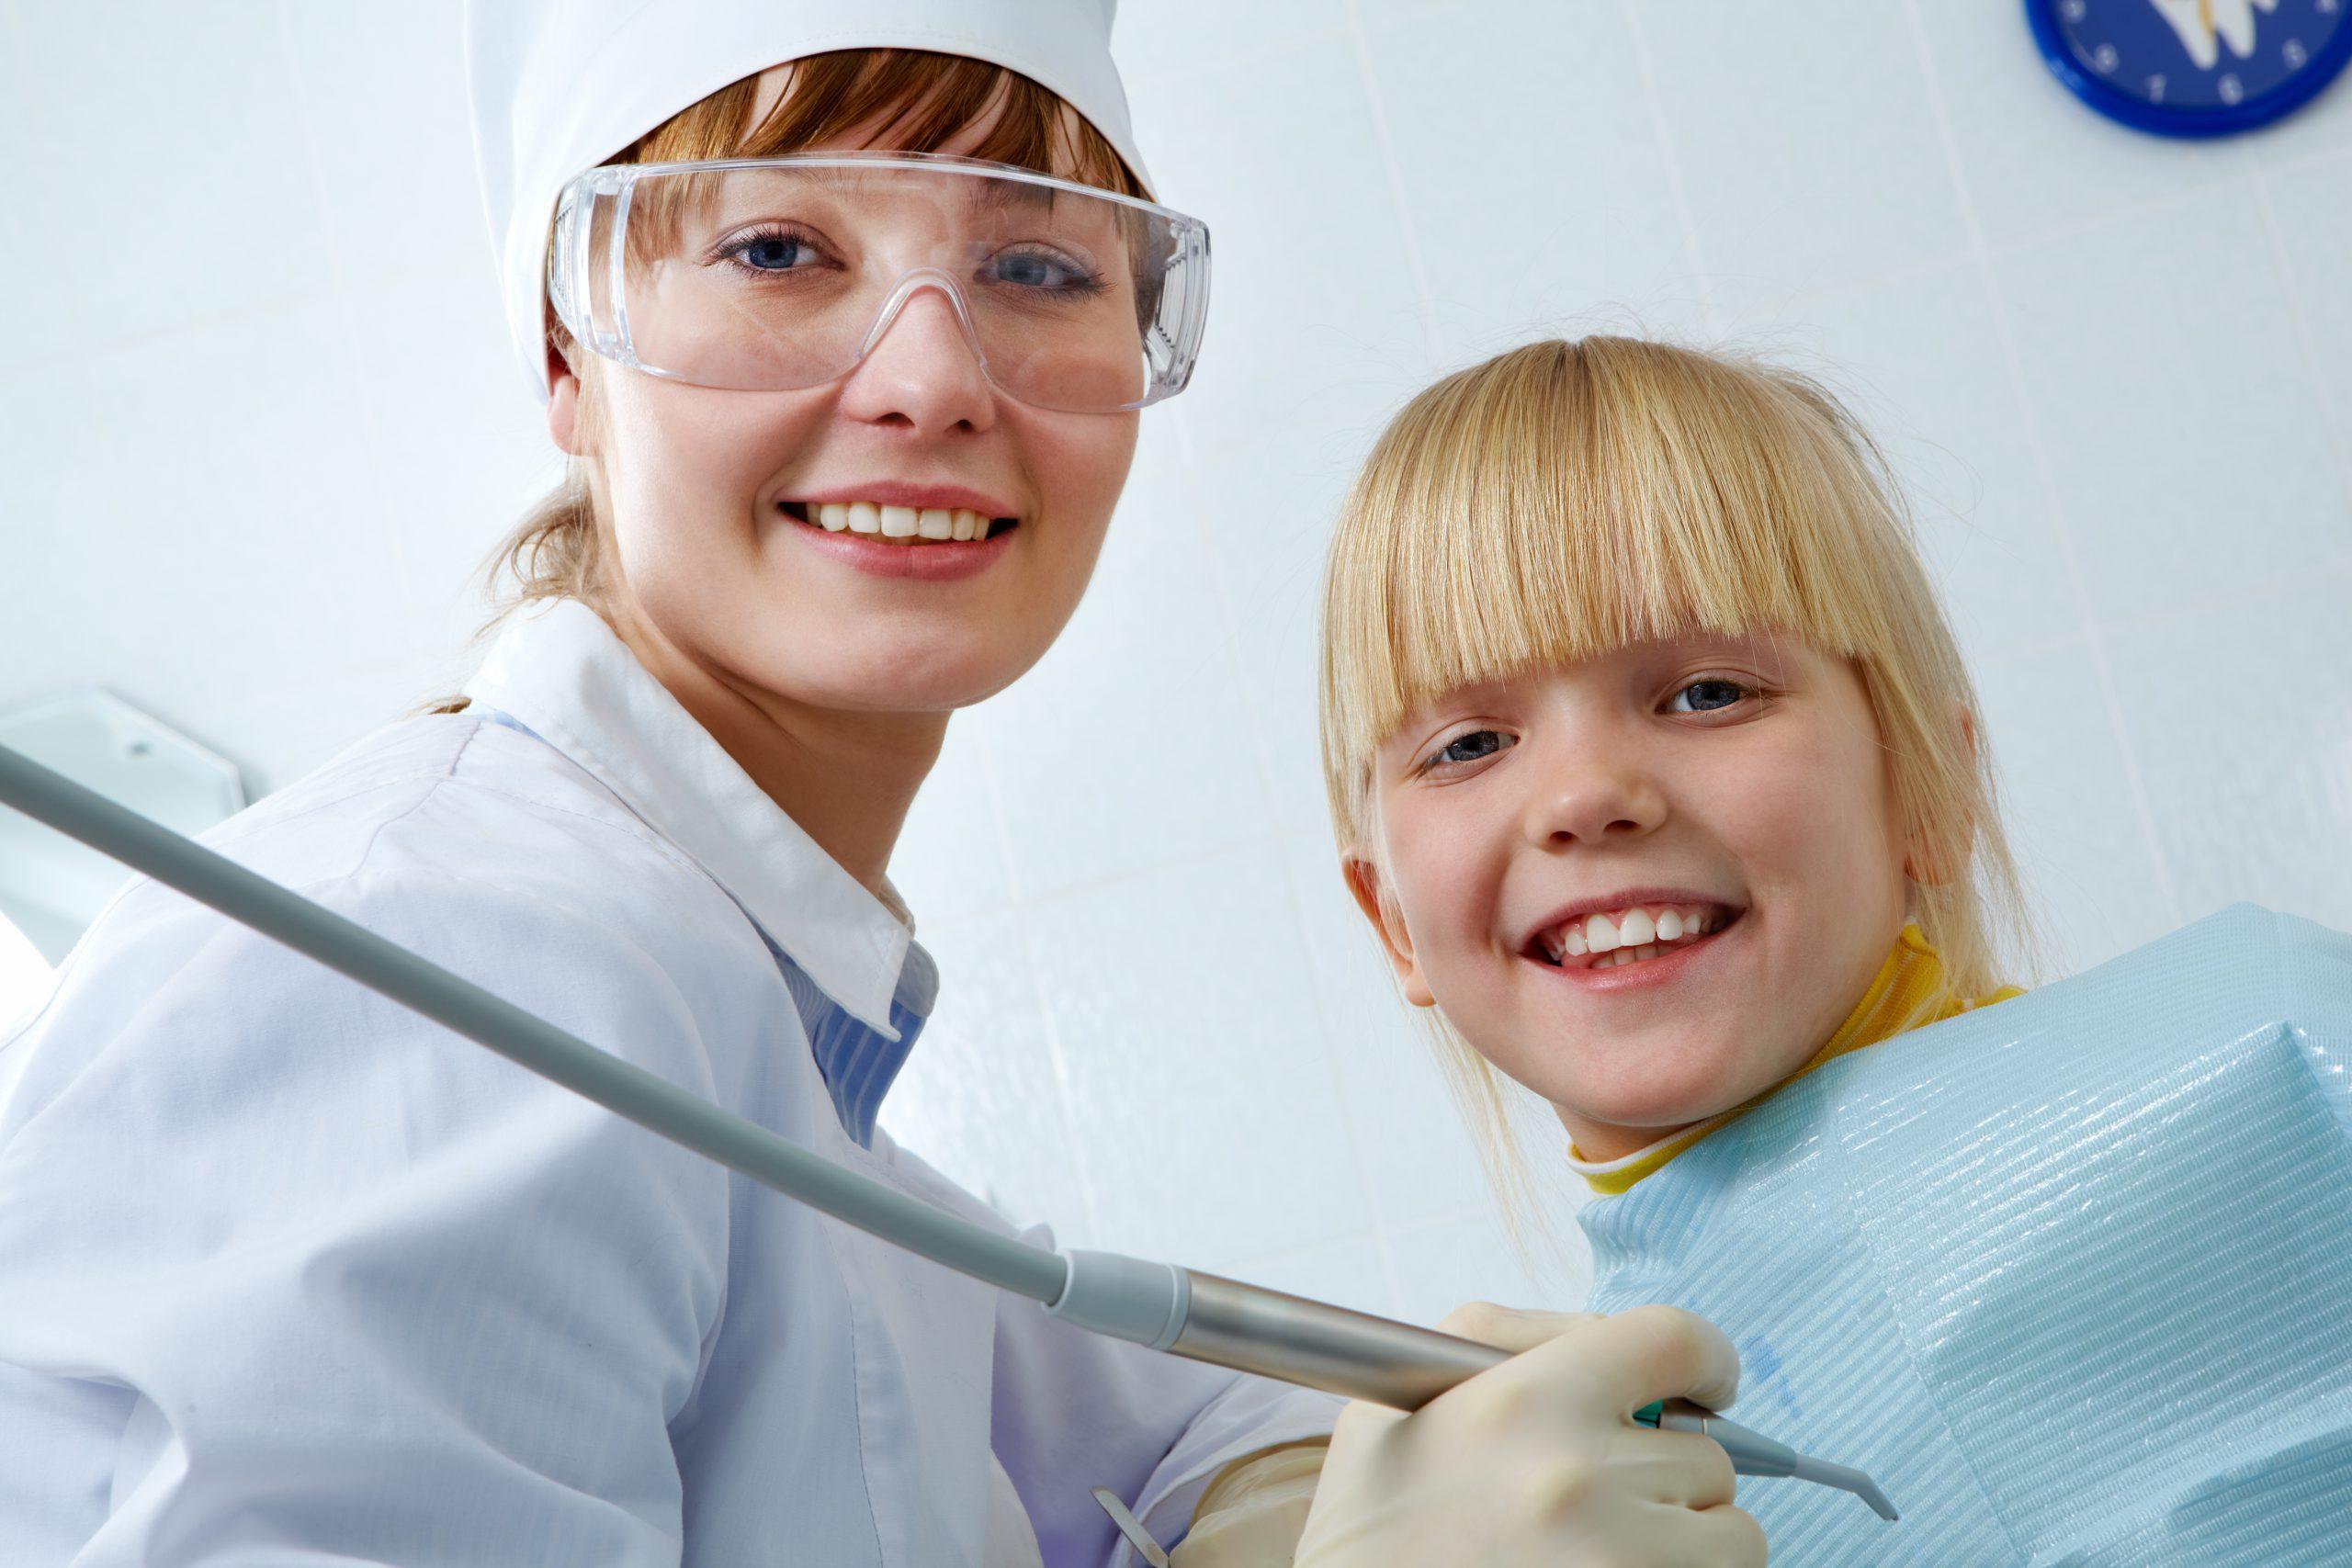 根管治療牙套保險有沒有賠?根管治療牙套ptt鄉民熱議